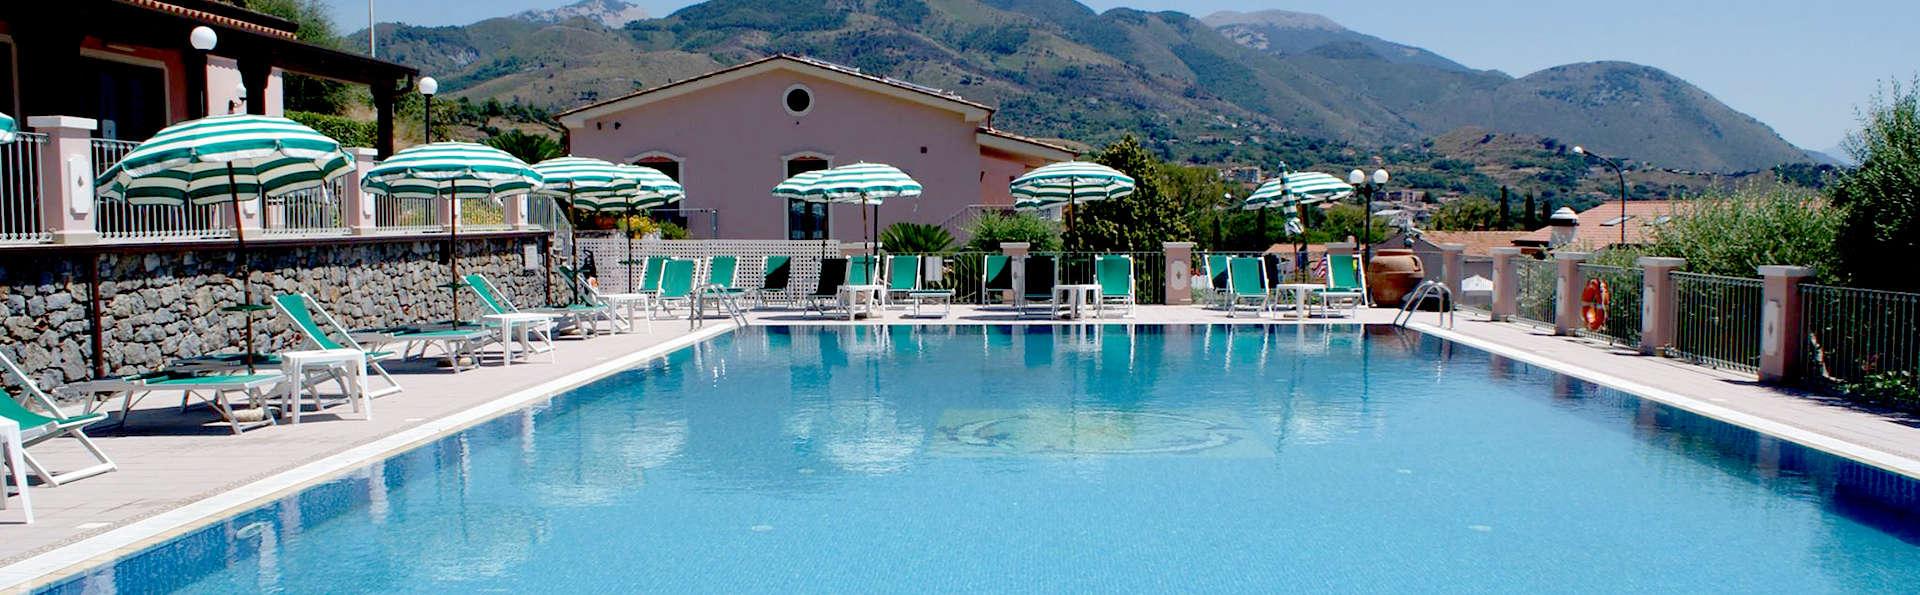 Hotel Ristorante Borgo La Tana - Edit_Pool5.jpg